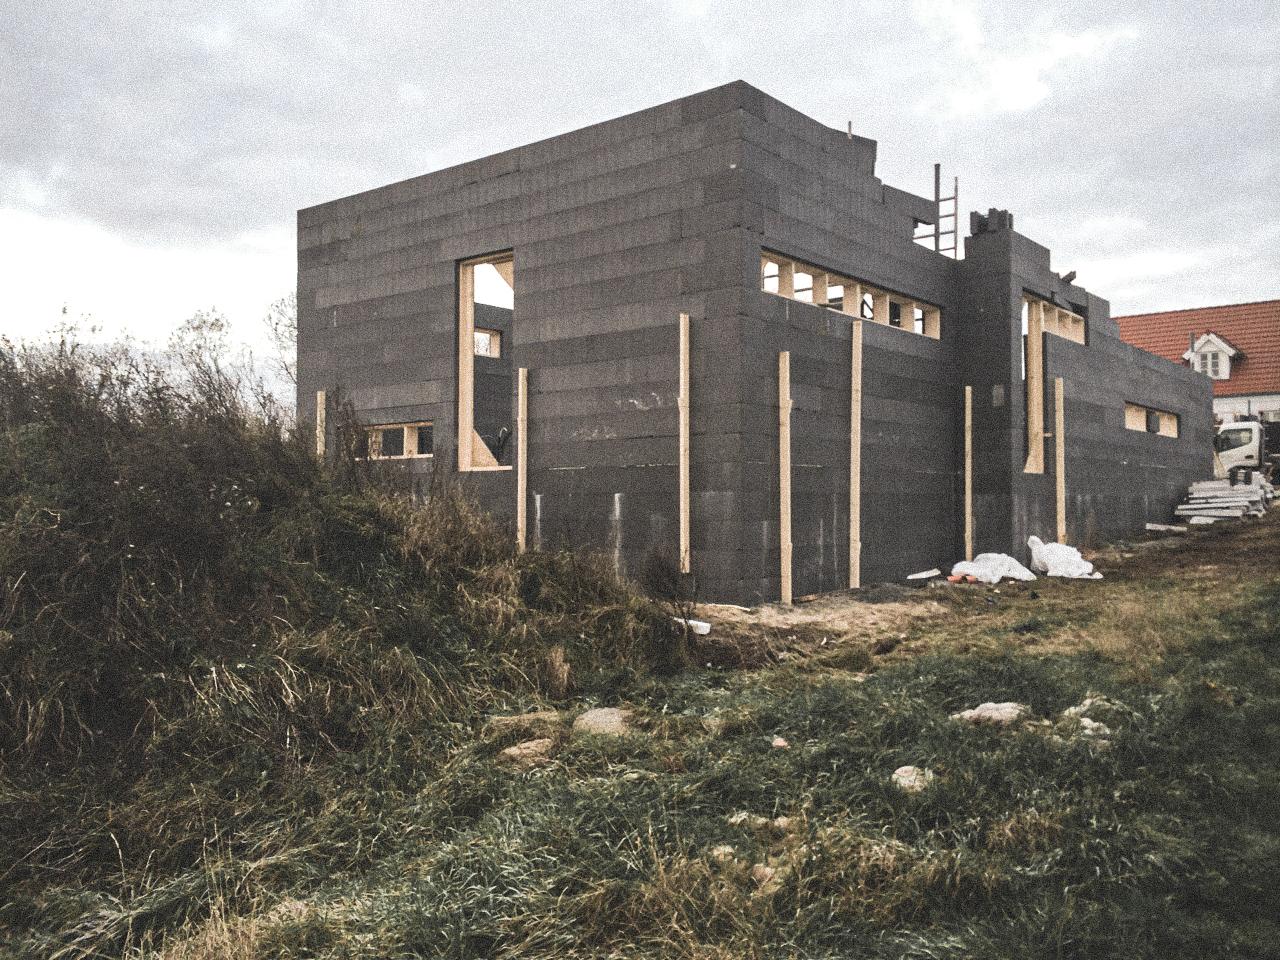 Billede af et igangværende byggeri i Nibe Status, tegnet af arkitektfirmaet m2plus.